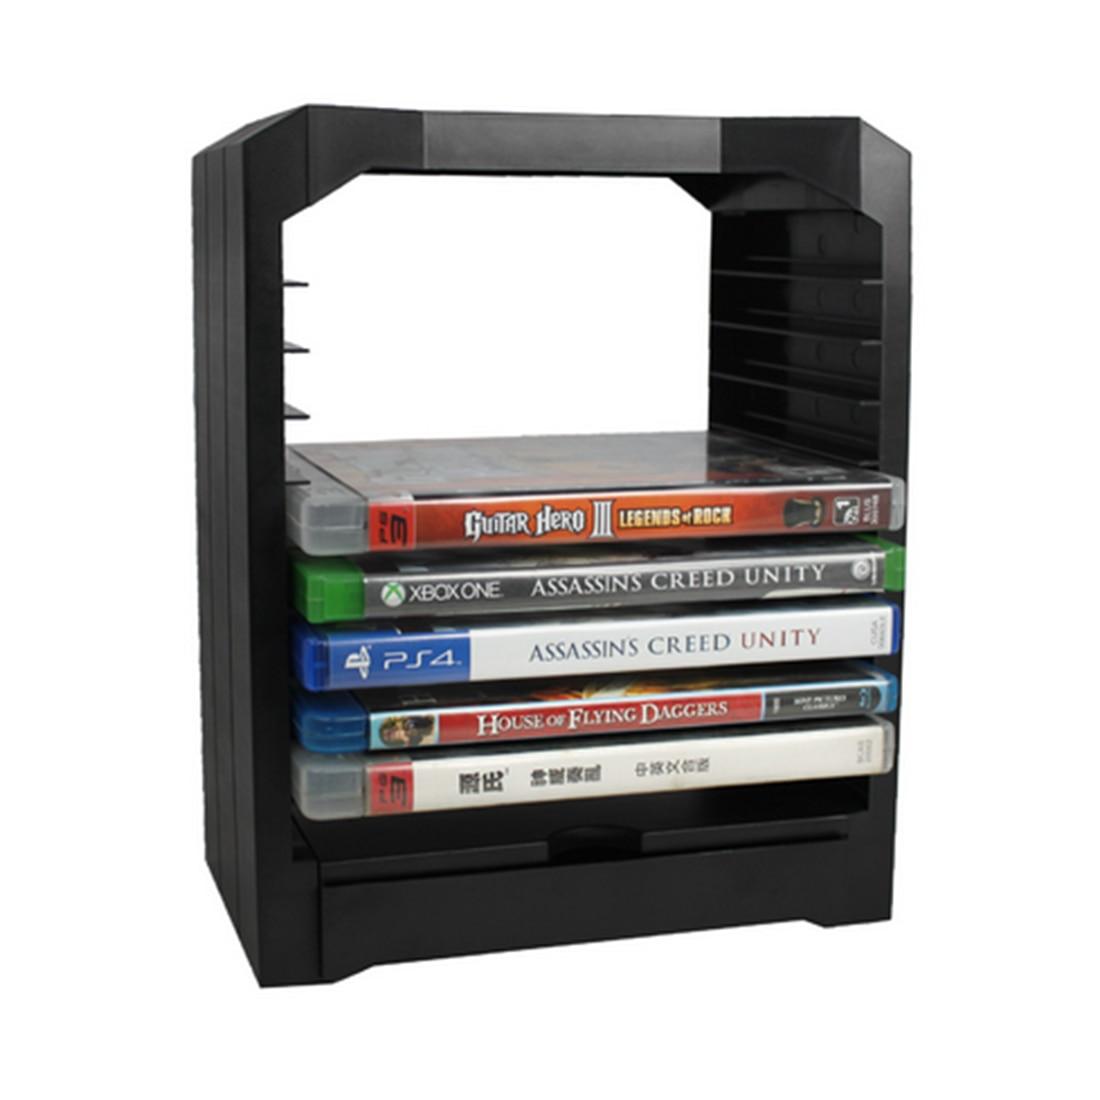 48e45efdd09 Acessórios Caixa Organizador PS4 PS4 HIPSTEEN Durável Chassis Painel de  Suporte De Armazenamento De Disco de Jogos Preto em Ciaxas De Armazenamento    Lixo ...